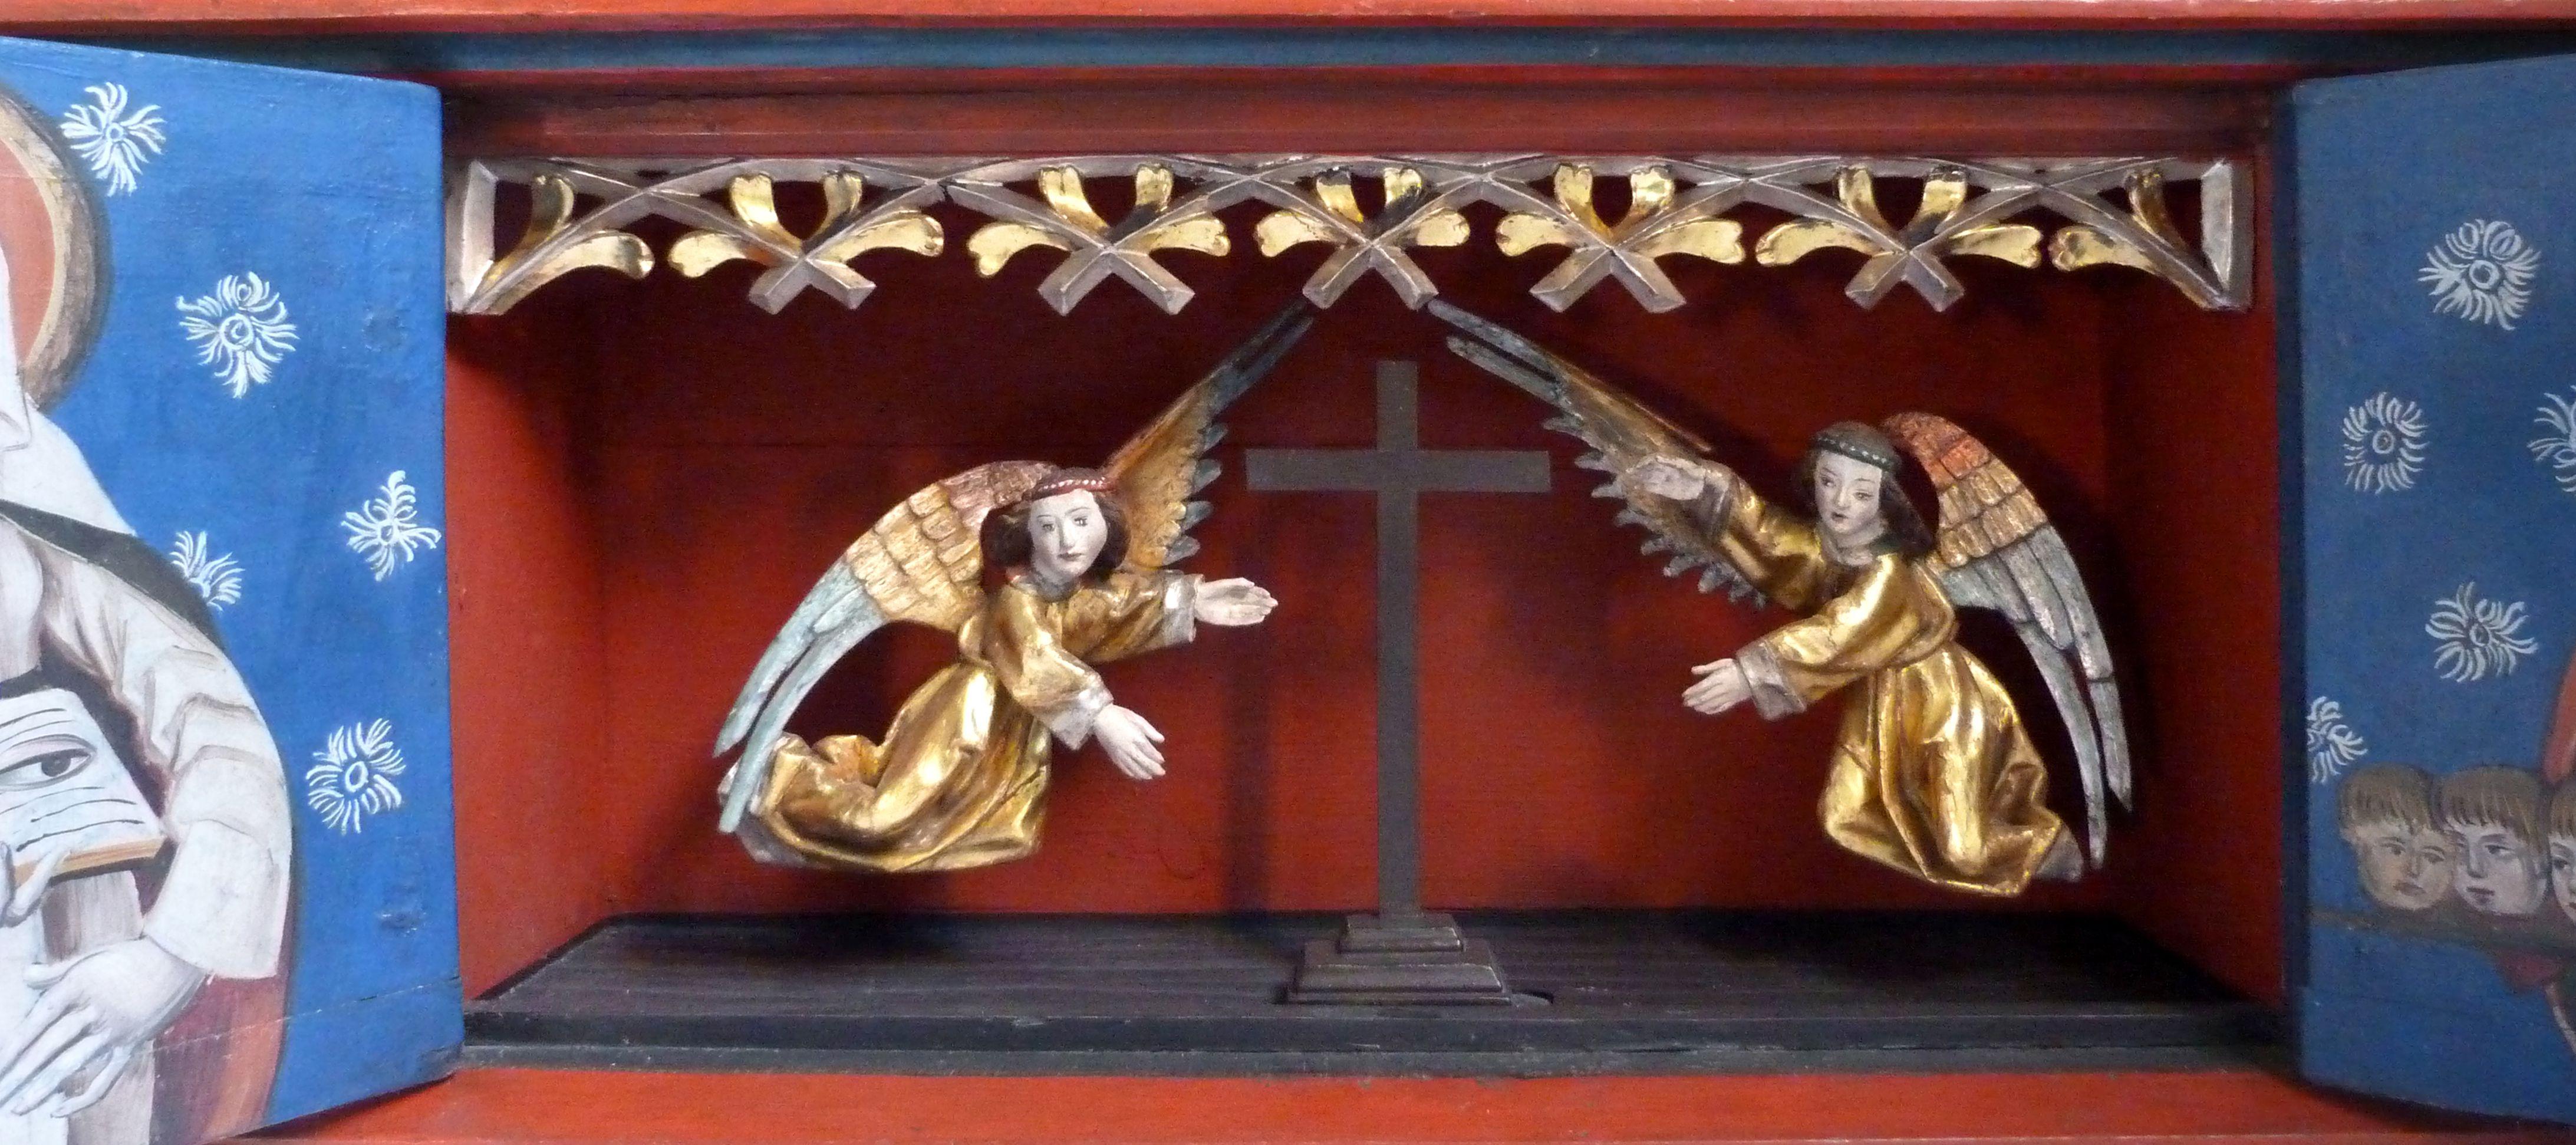 Puschendorfer Marienaltar Schrein der Predella, mit ursprünglich eine Krone tragenden Engelein, die in einen Hauptschrein gehörten